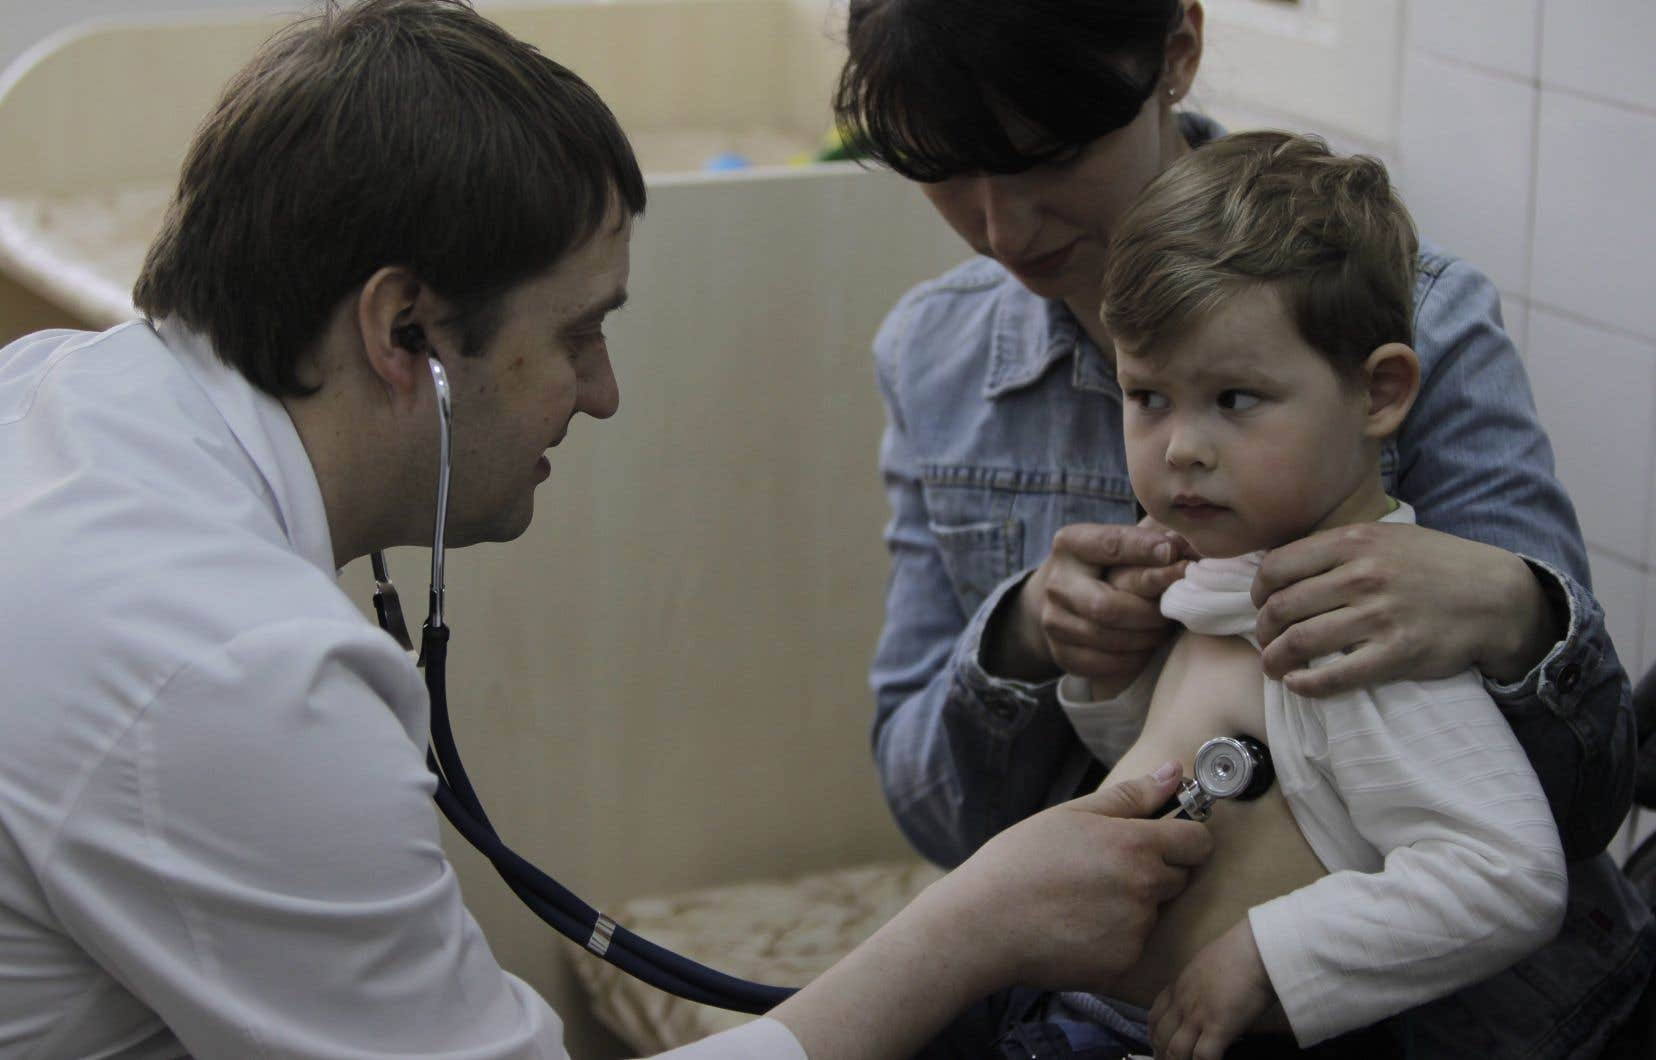 <p>Afin de limiter les risques de contamination, les autorités ukrainiennes incitent la population à se faire vacciner.</p>